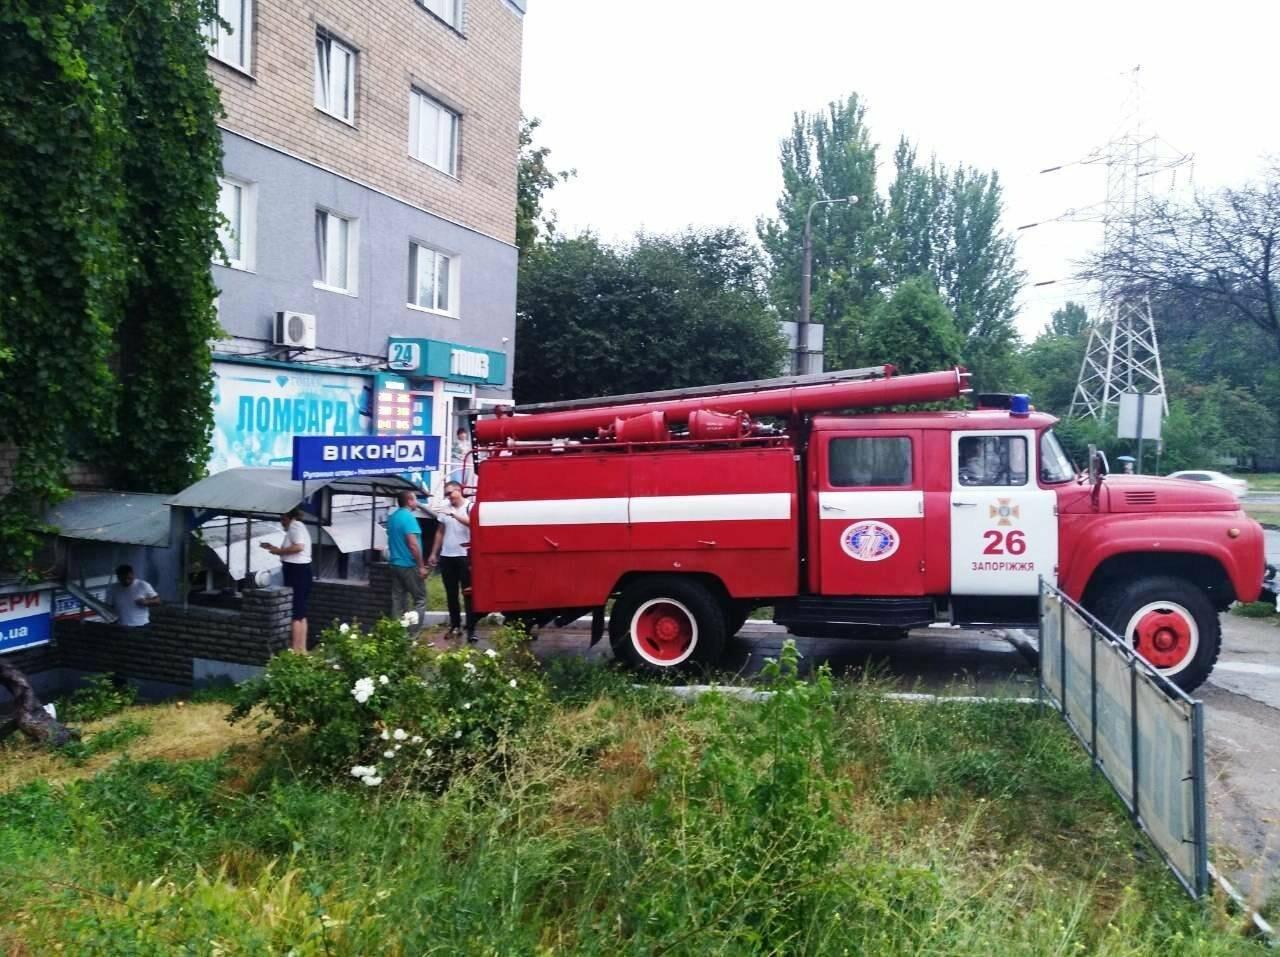 Непогода в Запорожье и области: в людей попала молния, офисы затопило, а машины застряли в воде, - ФОТО, фото-3